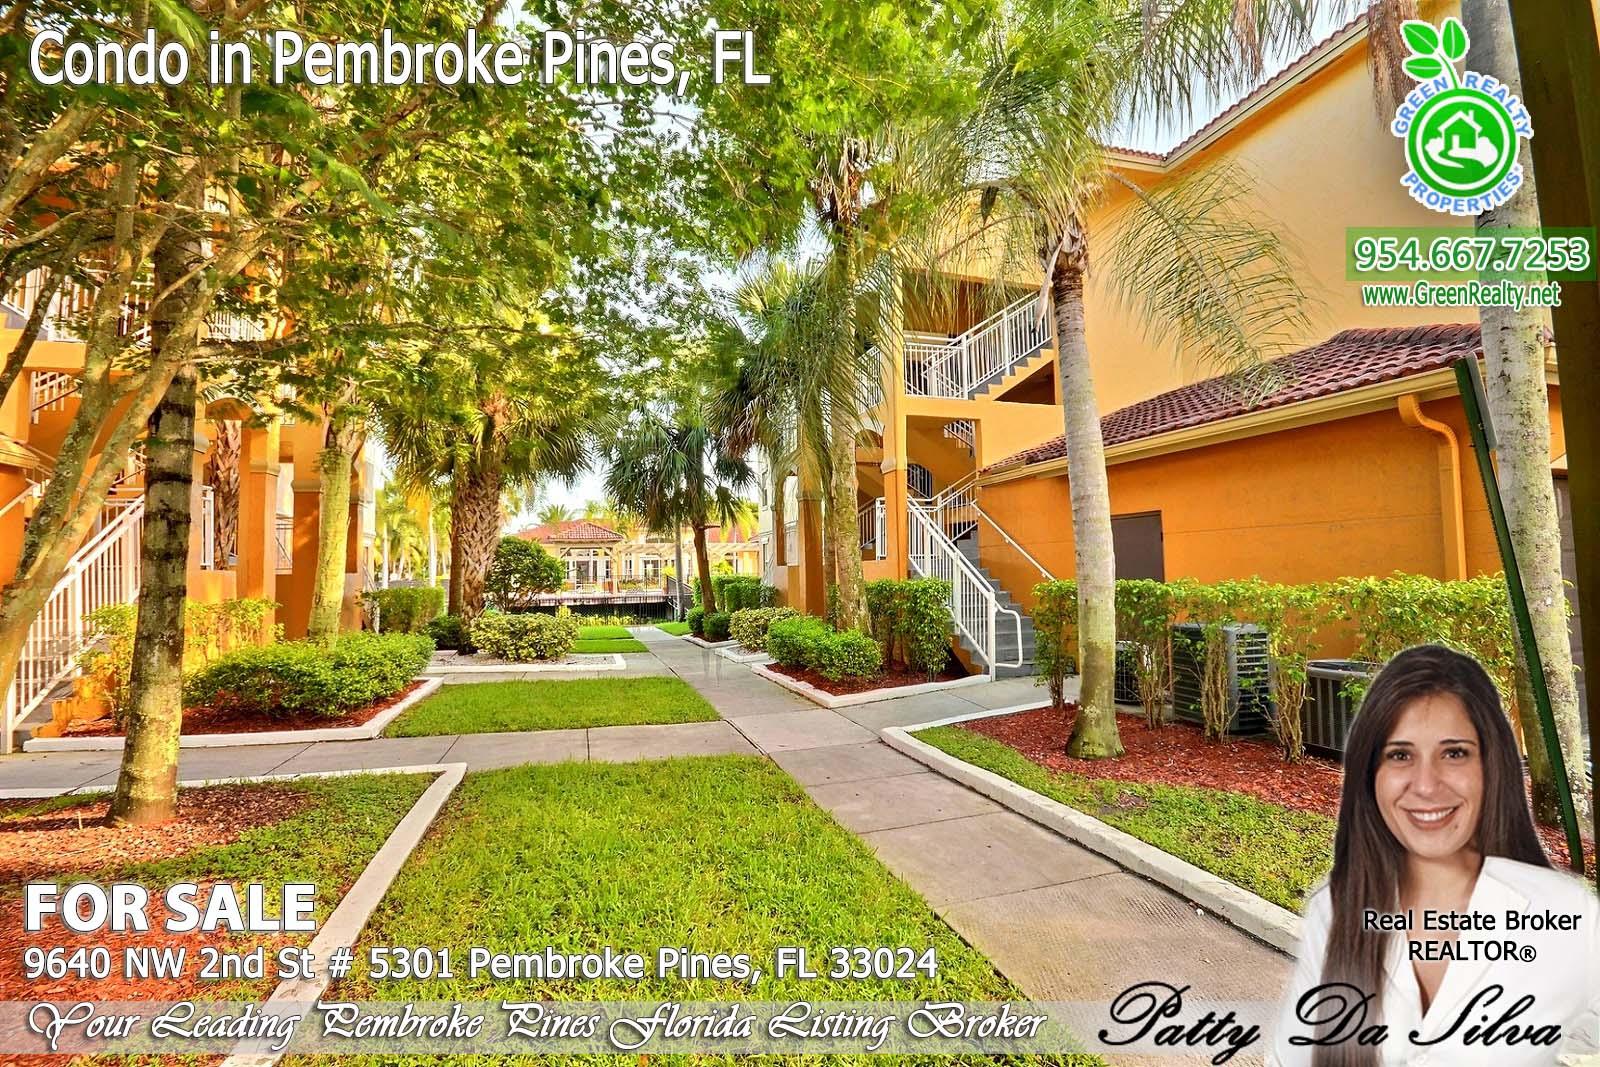 La Via - 9640 NW 2nd St, Pembroke Pines FL 33024 (2)